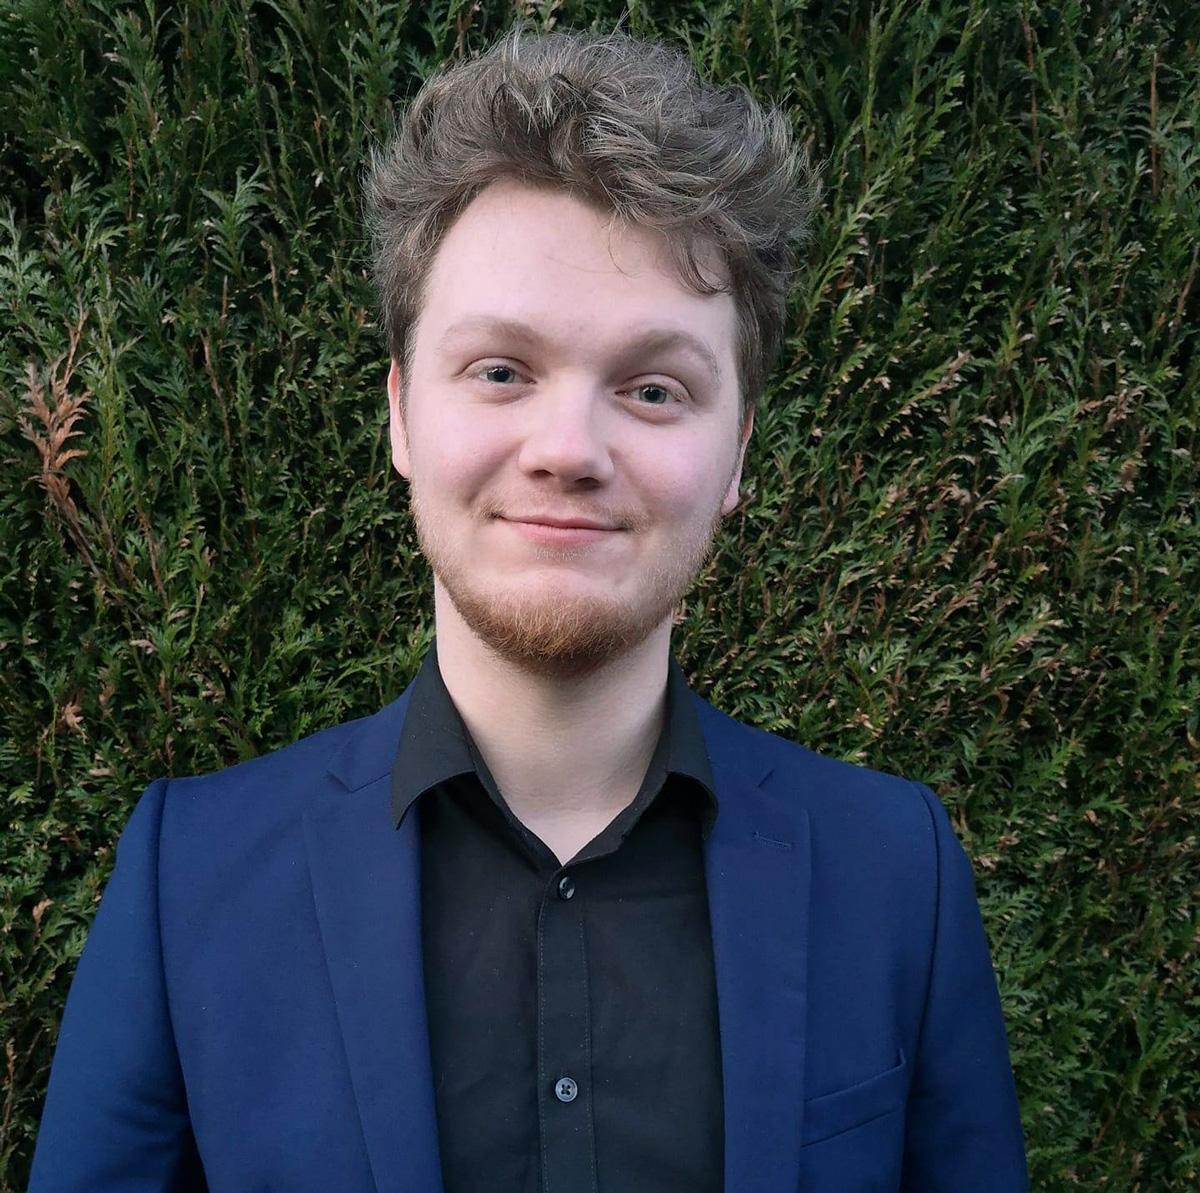 Kévin Moison, membre du Conseil parisien de la jeunesse